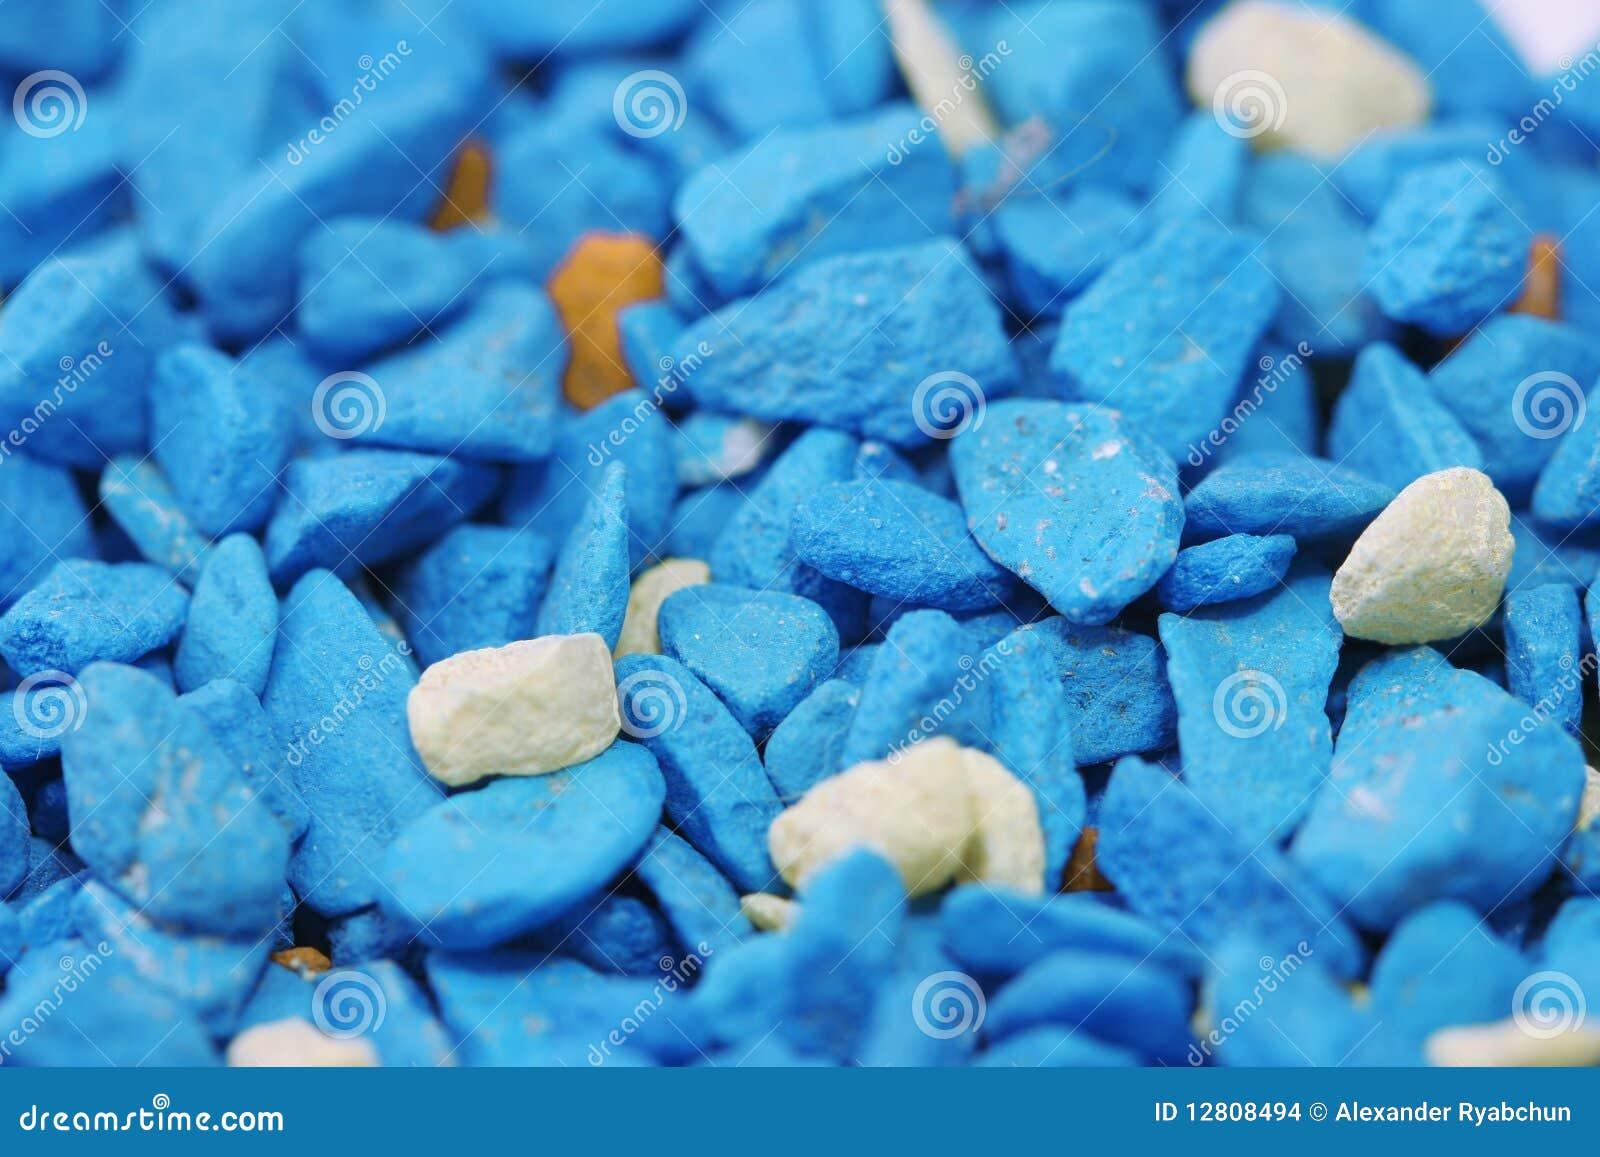 Close-up de pedras azuis